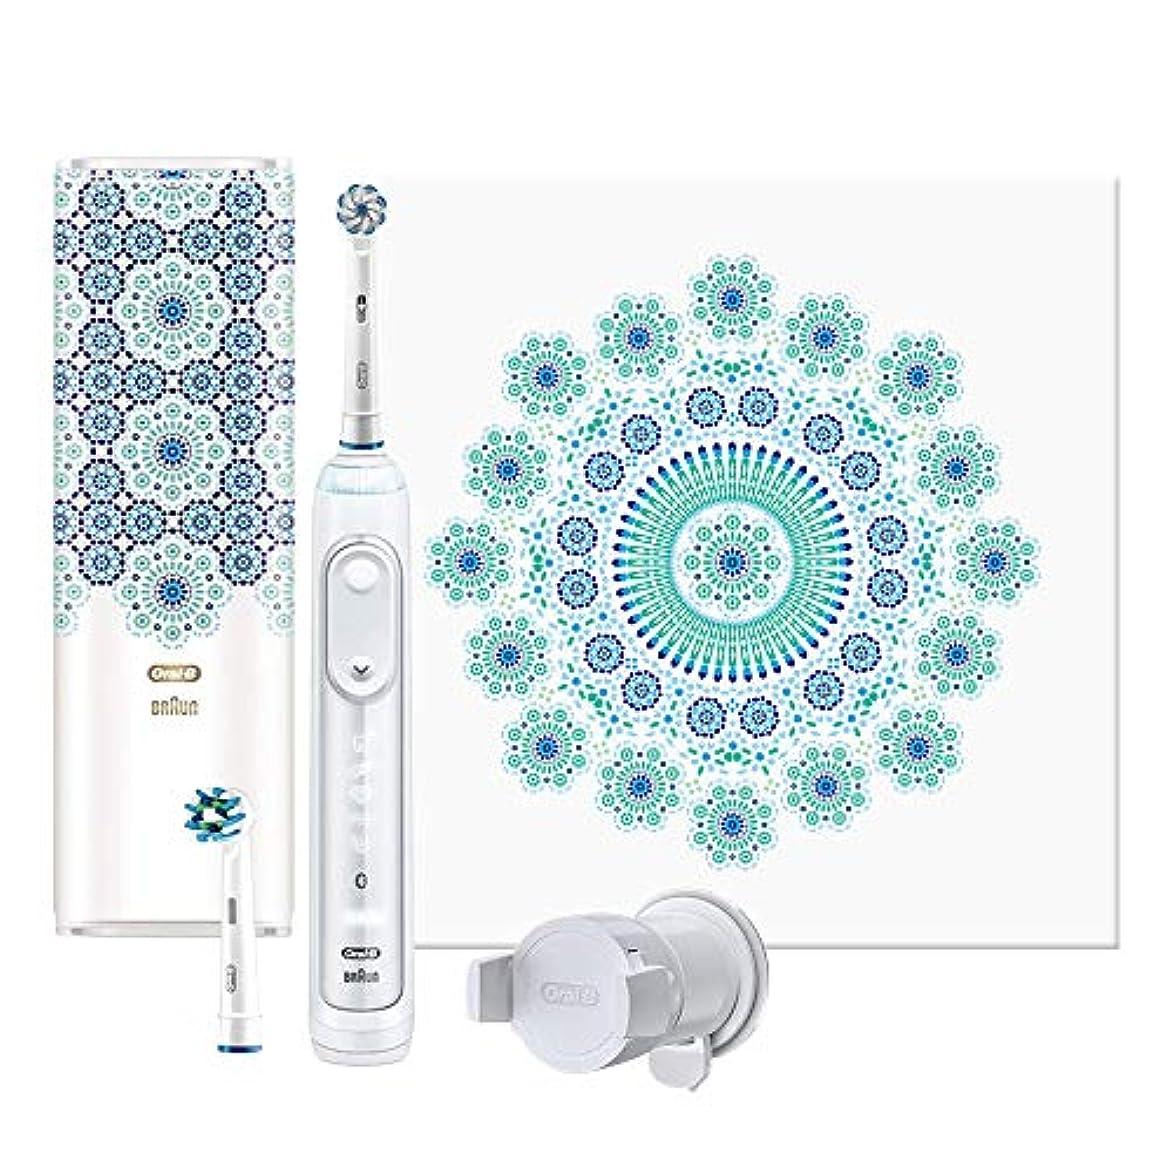 アルネスチュワード取り替えるブラウン オーラルB 電動歯ブラシ ジーニアス9000 モロッコデザイン D7015256XCTMC